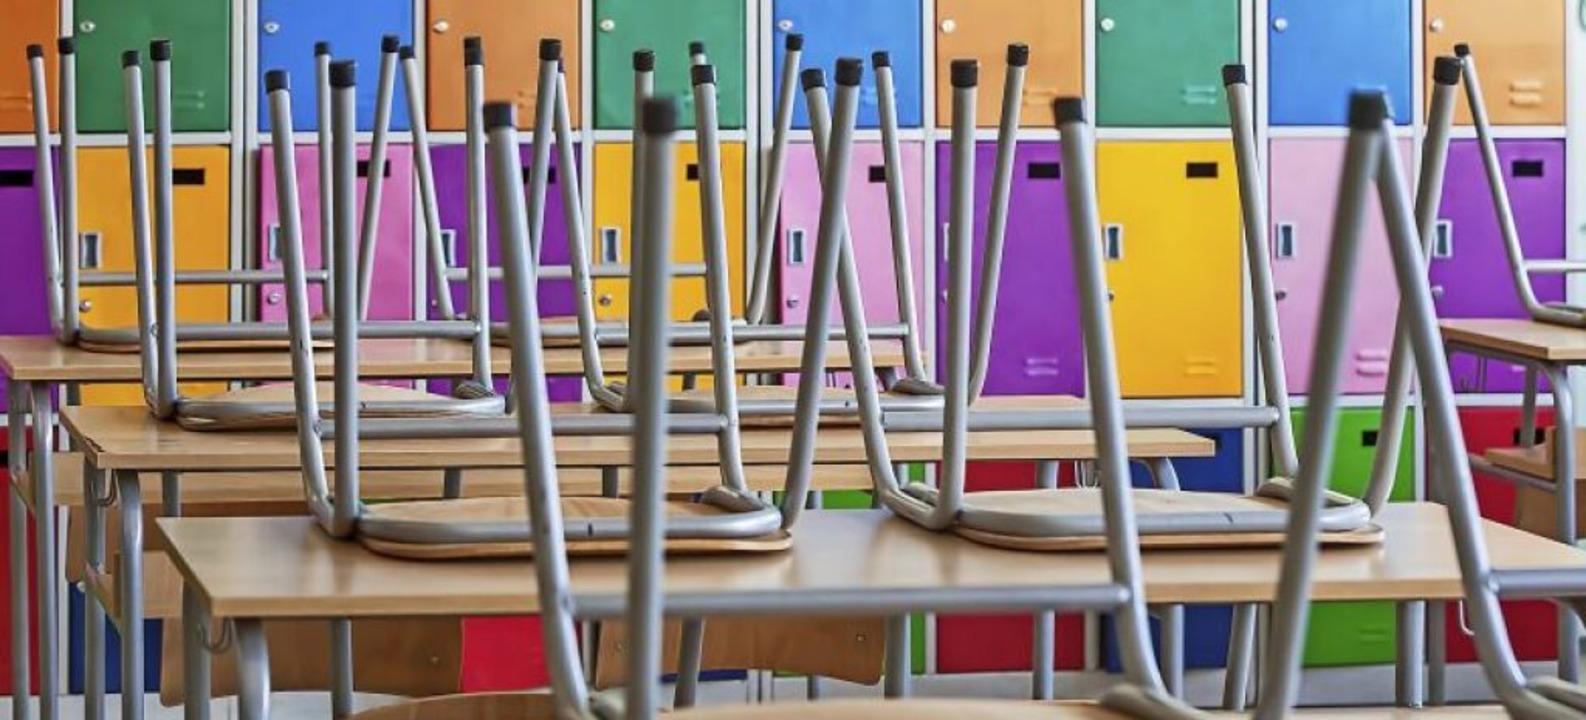 Verwaiste Klassenzimmer – die Sc...bis nach den Osterferien geschlossen.   | Foto: miriristic (Adobe Stock)